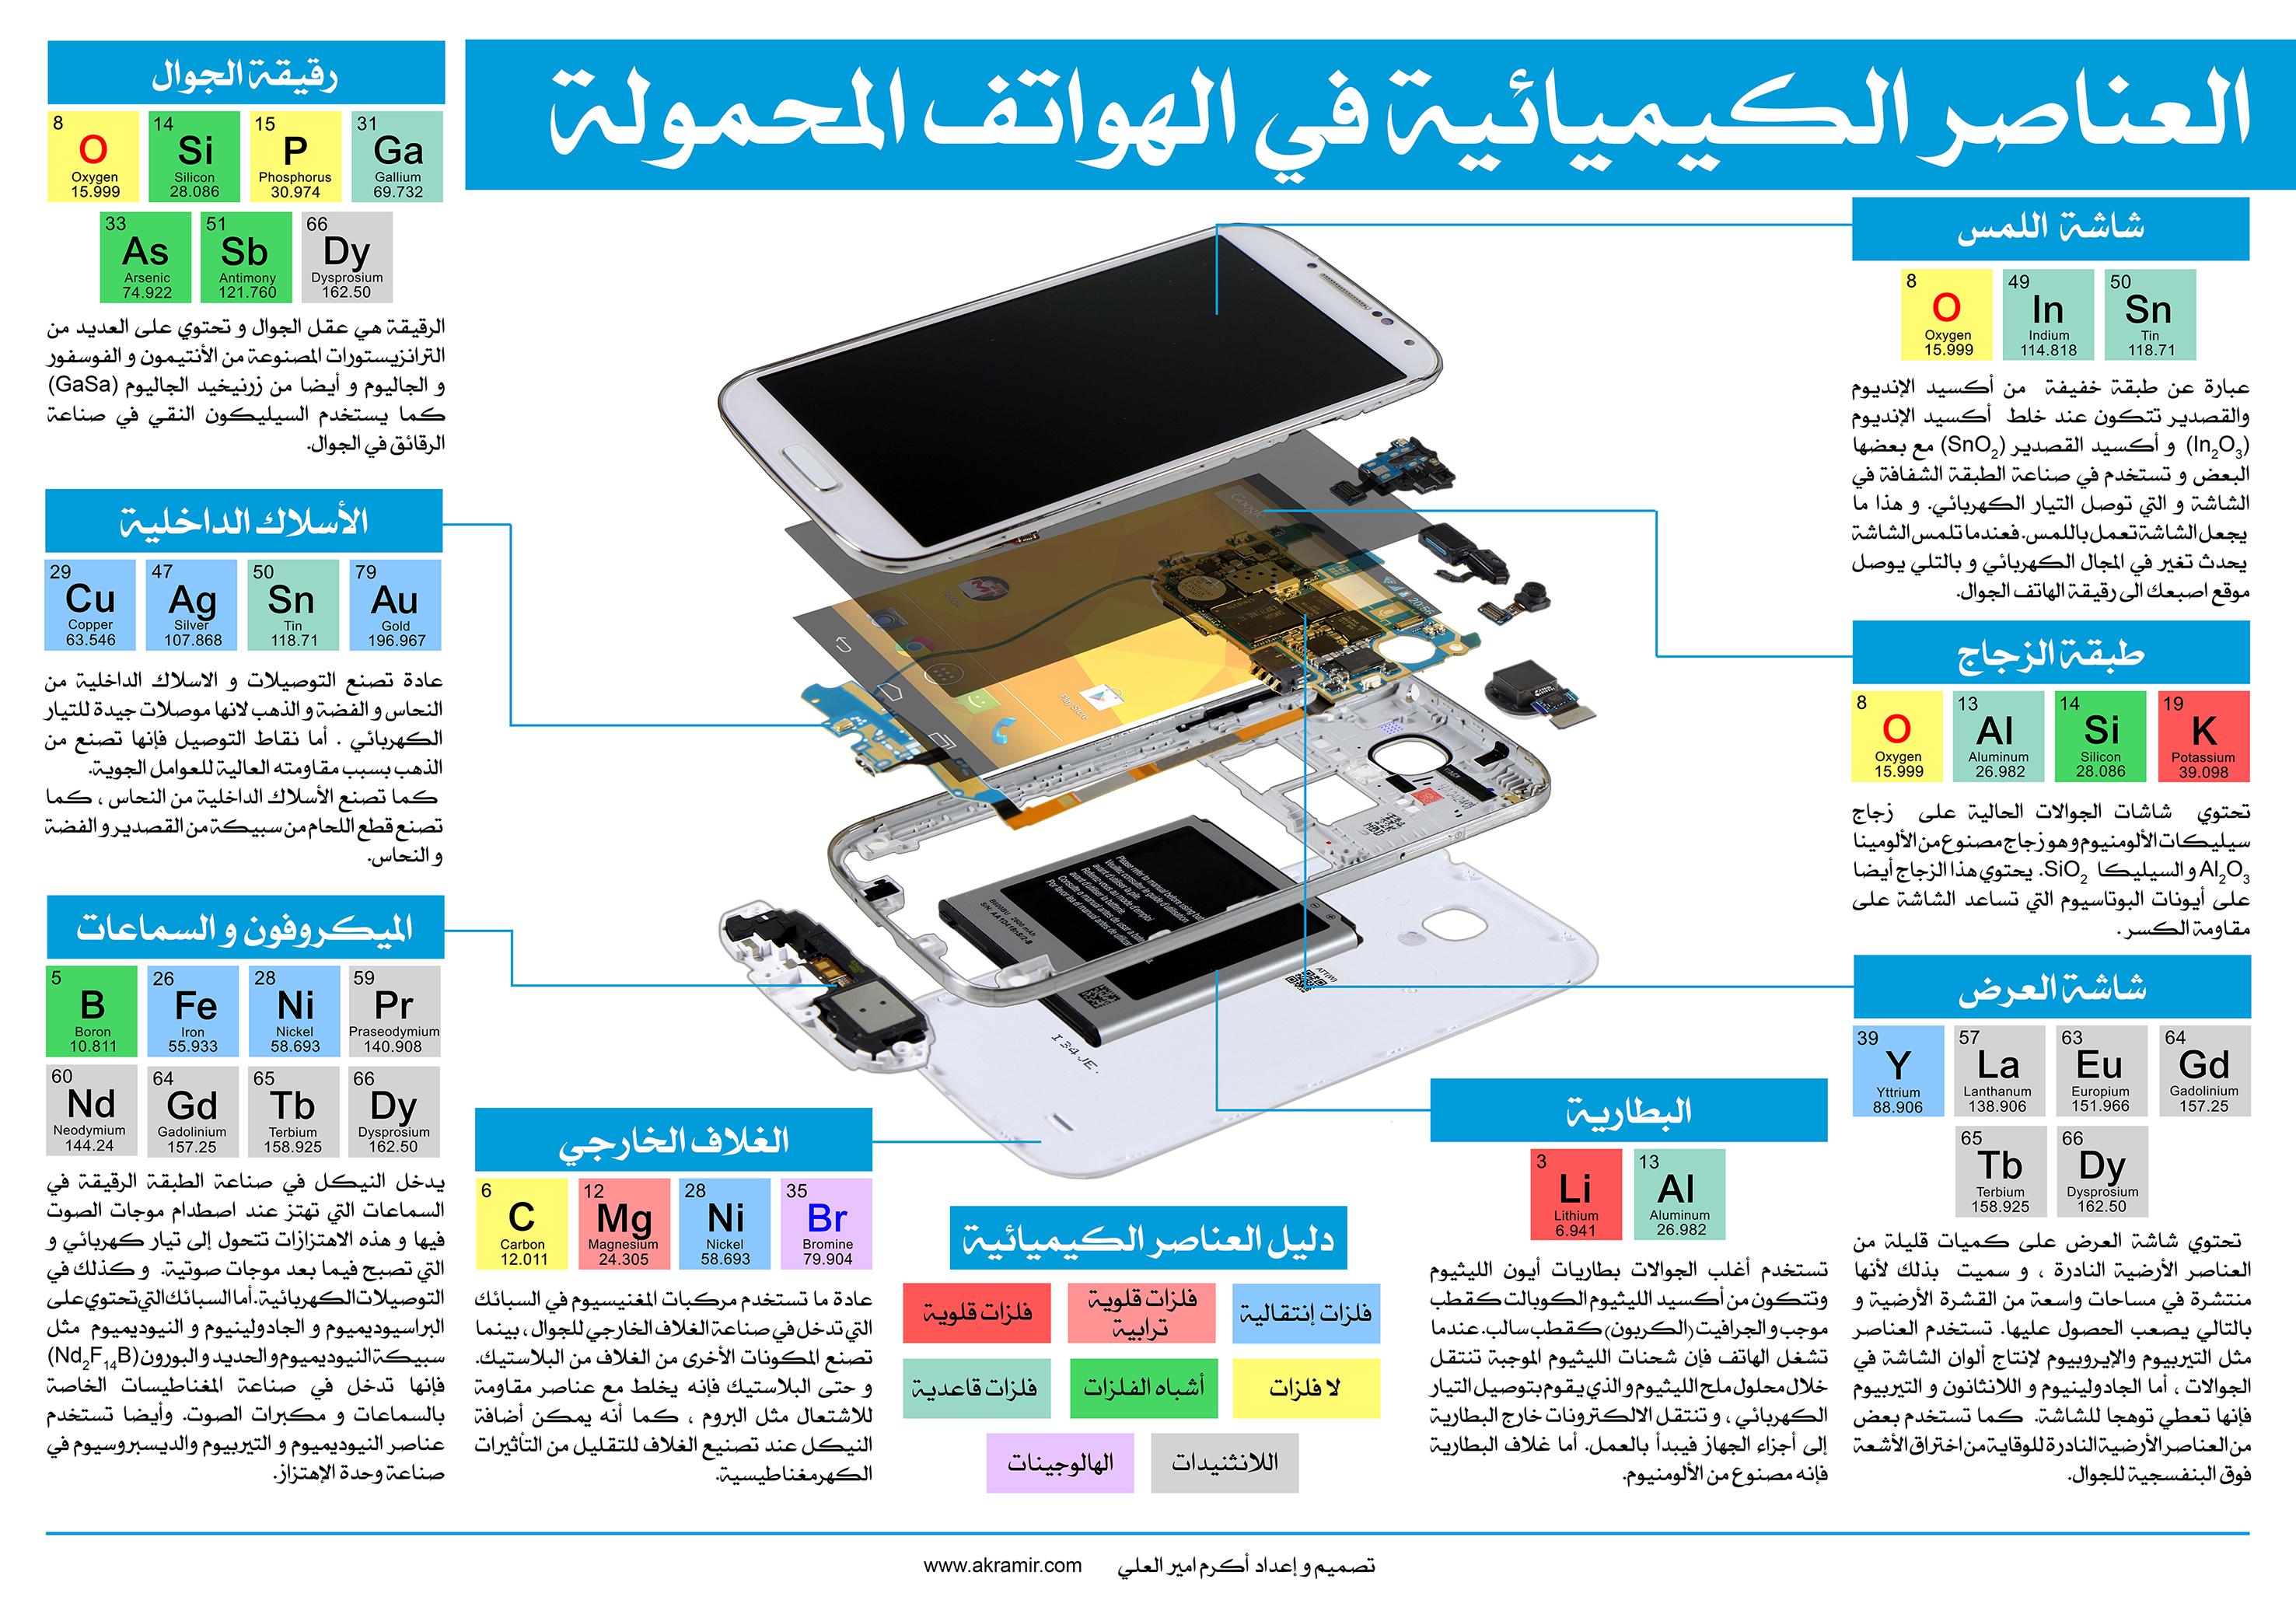 العناصر الكيميائية في الهواتف المحمولة (لوحة حجم كبير قابلة للتنزيل)